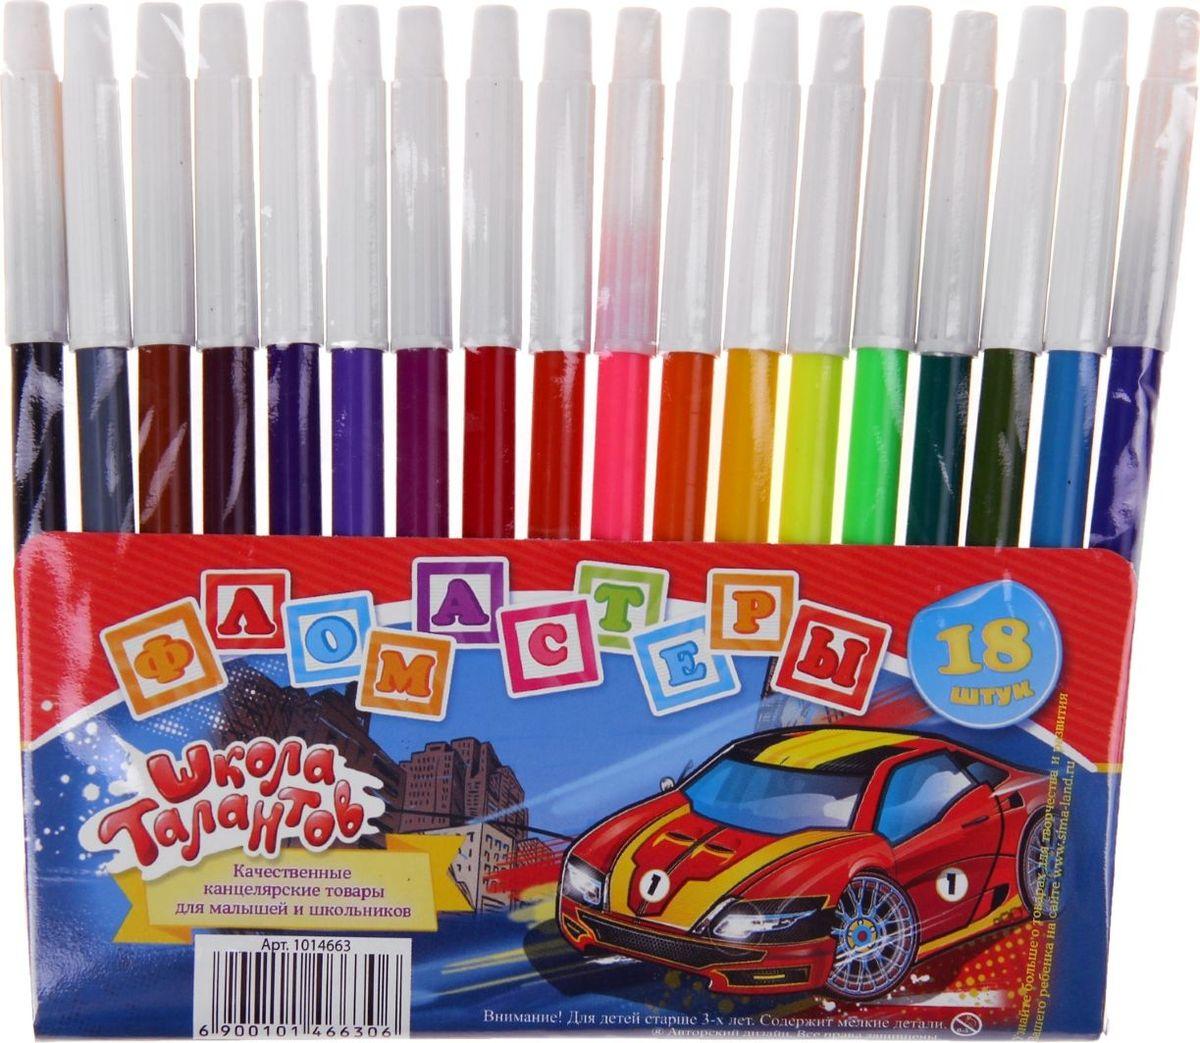 Набор фломастеров Школа талантов Машинка помогут маленькому художнику раскрыть свой творческий потенциал, рисовать и раскрашивать яркие картинки, развивая воображение, мелкую моторику и цветовосприятие. Пластиковый корпус и вентилируемый колпачок предохраняют чернила от преждевременного высыхания, что гарантирует длительный срок службы.